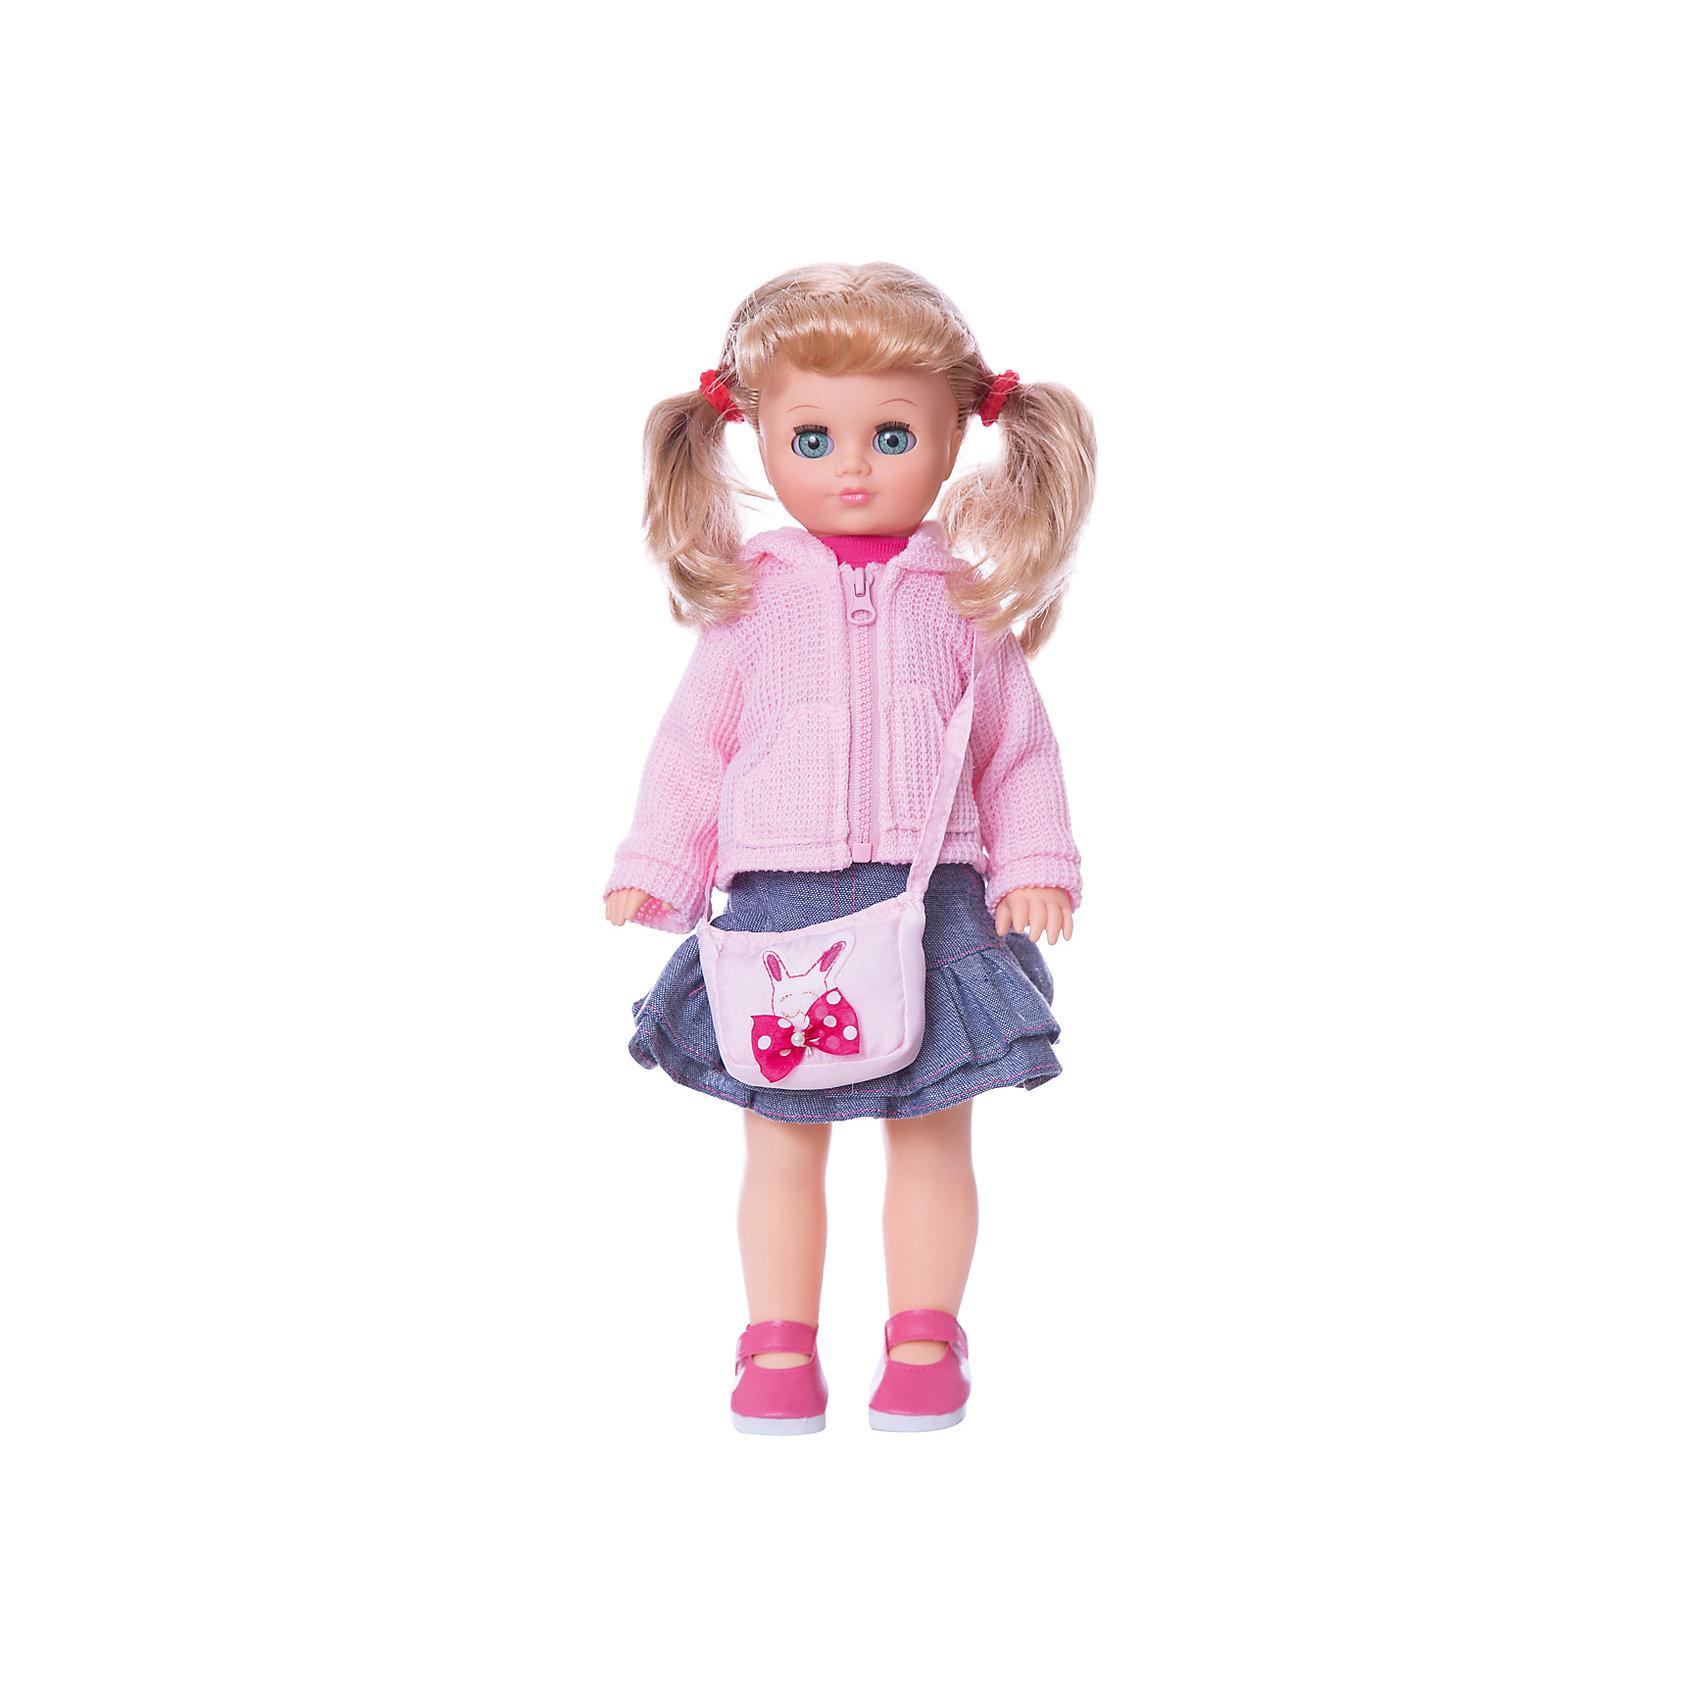 Весна Кукла Лиза 18, со звуком, Весна кукла весна инна в куртке со звуком 43 см